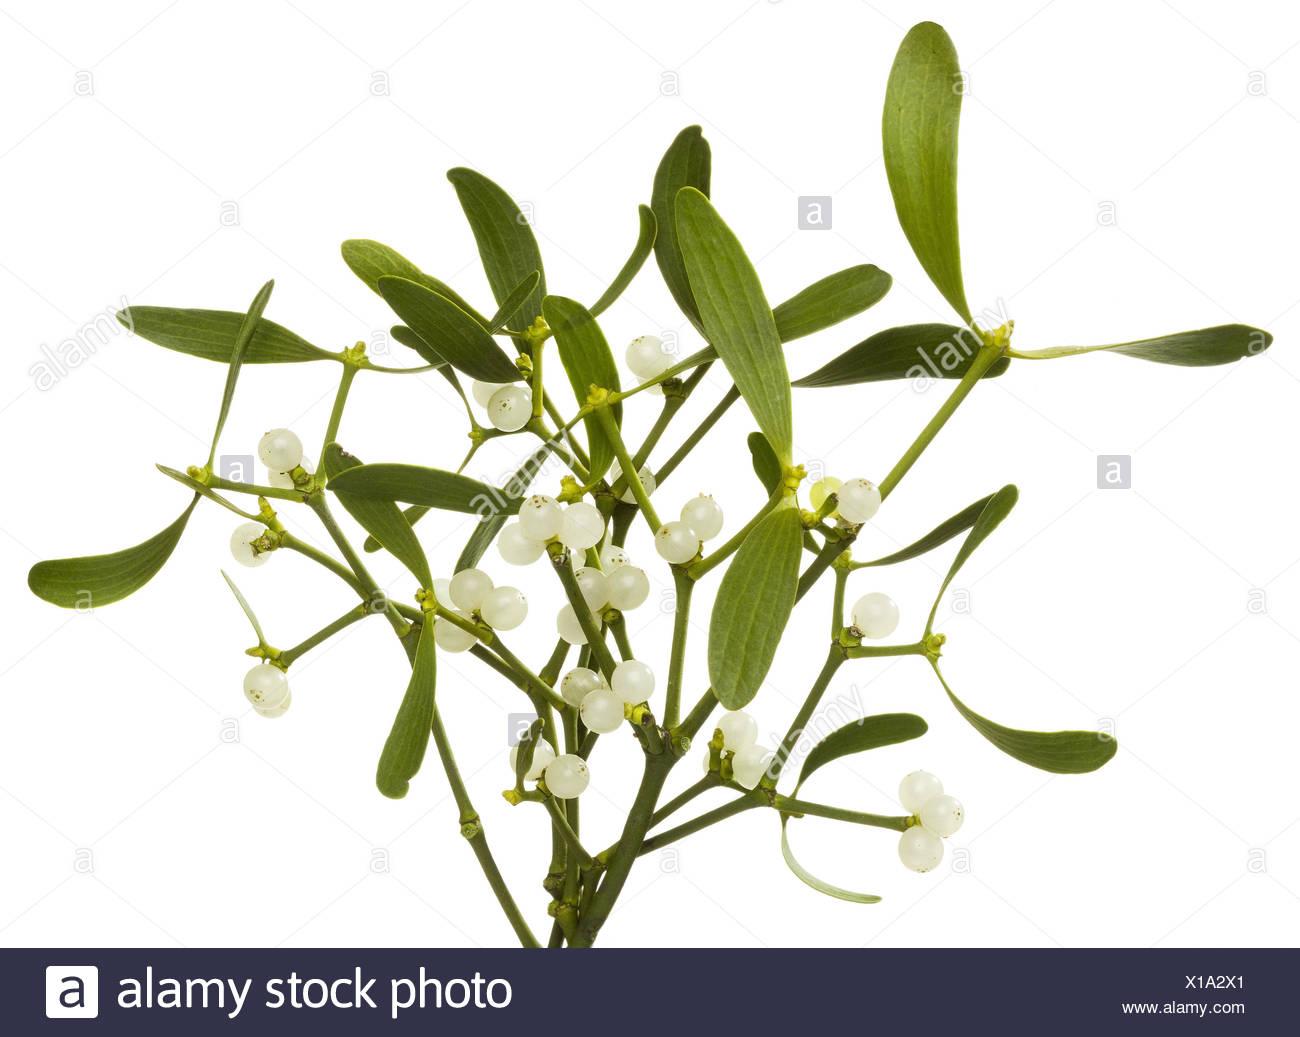 Hardwood mistletoe, Viscum album, sprigs mistletoe, - Stock Image